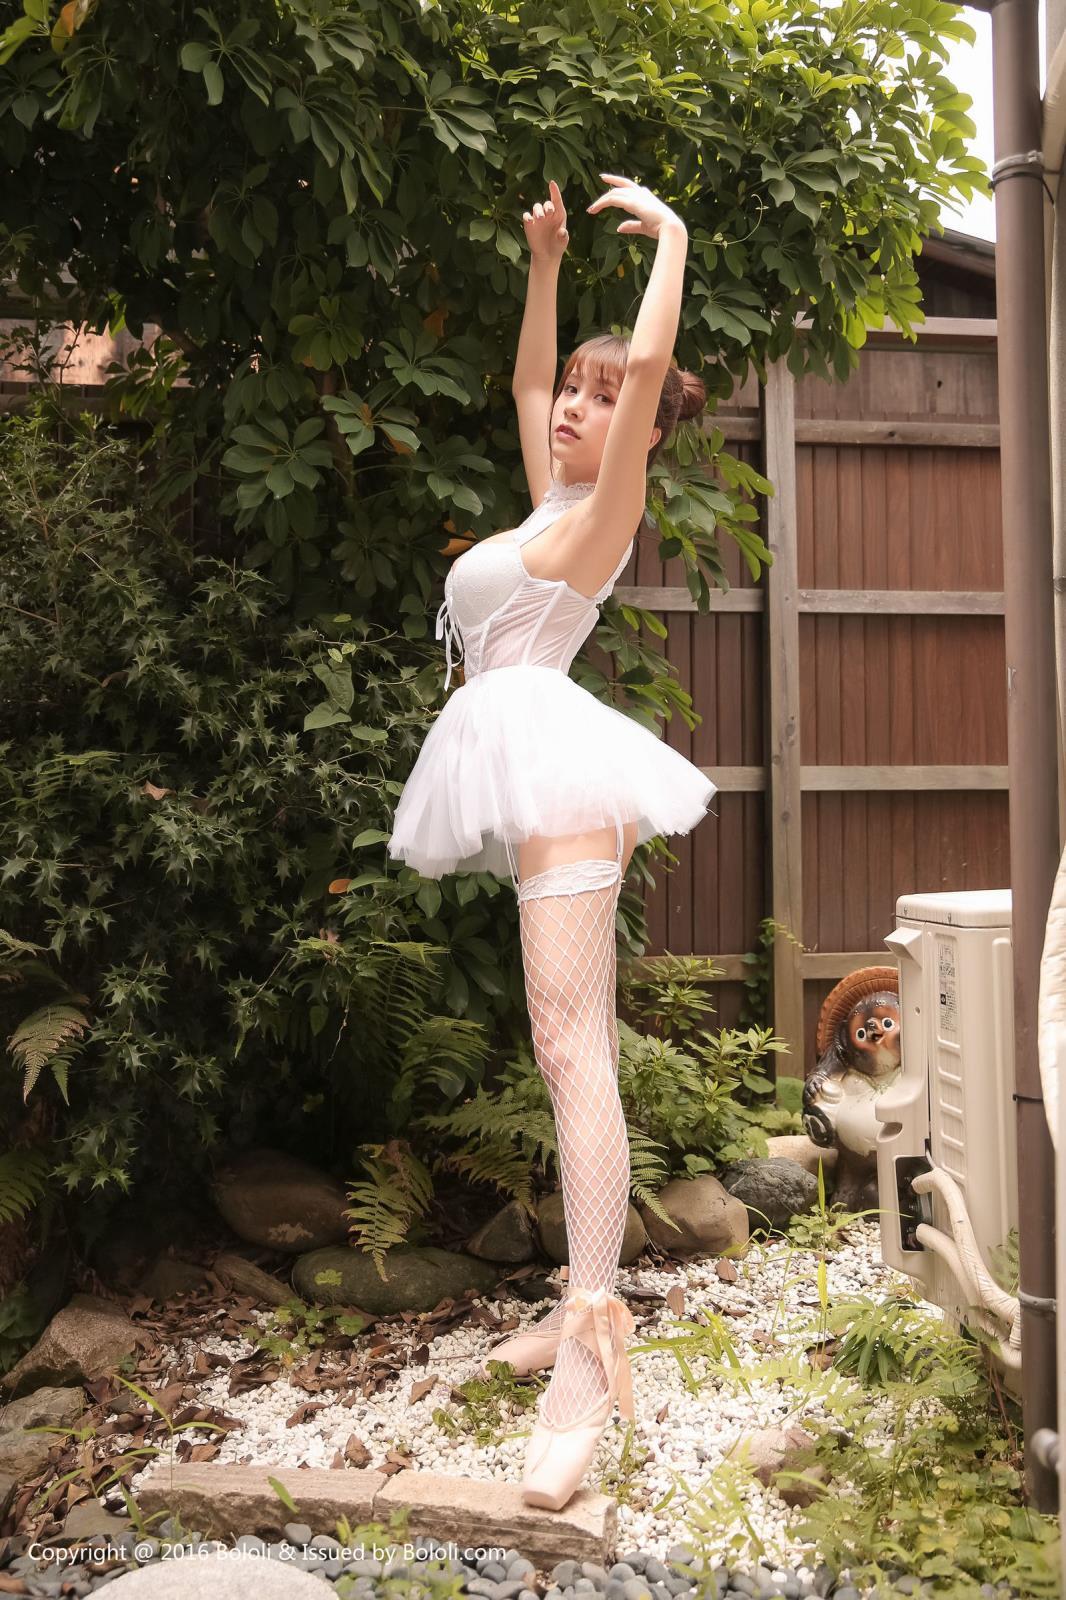 芭蕾舞少女嫩模极品美女大尺度内衣诱惑波萝社-[夏美酱]超高清写真图片|1620069620更新